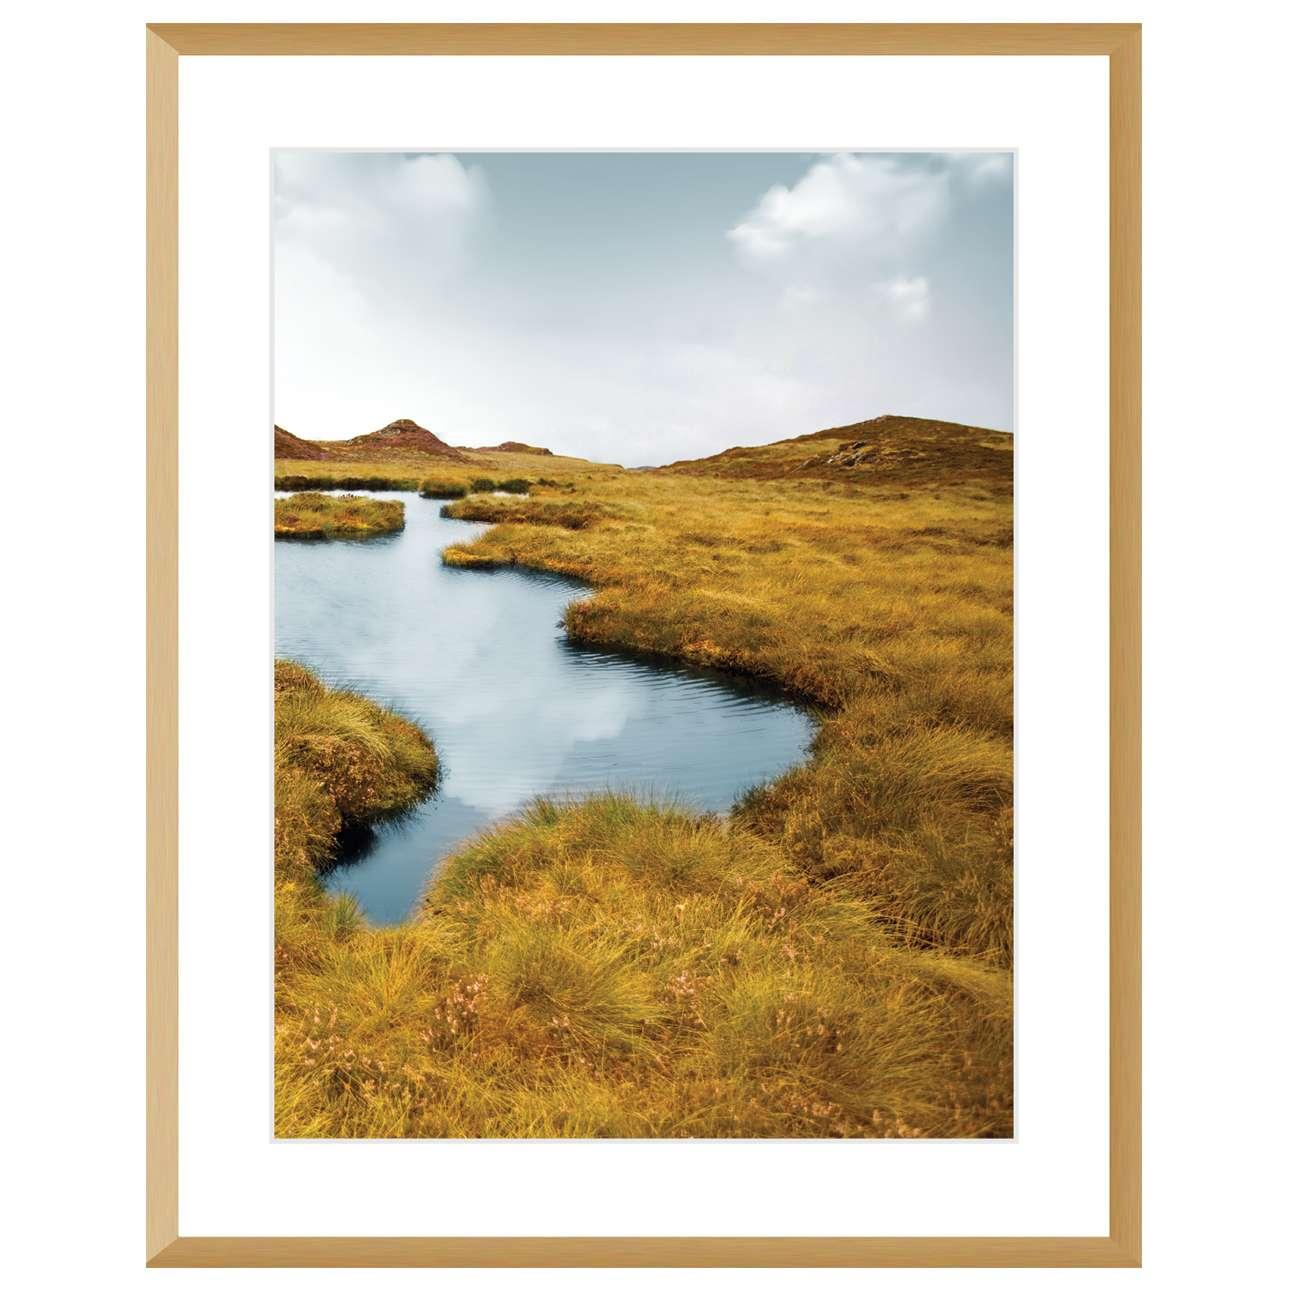 Obraz Grassy Field II 40x50cm